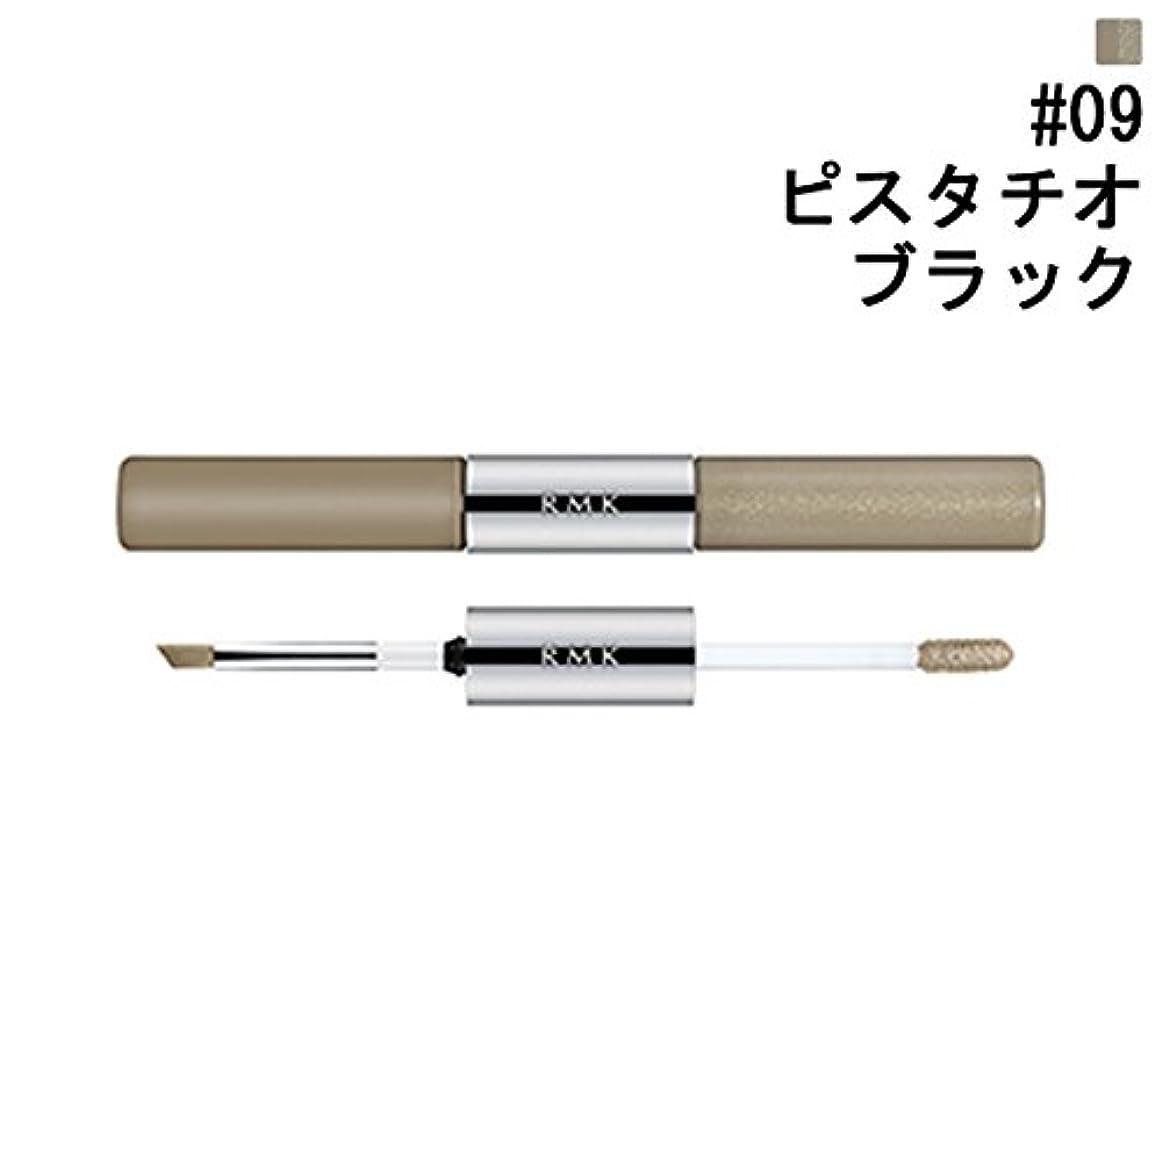 振りかける今日二次【RMK アイシャドウ】 W ウォーター アイズ カラー インク 09 [並行輸入品]